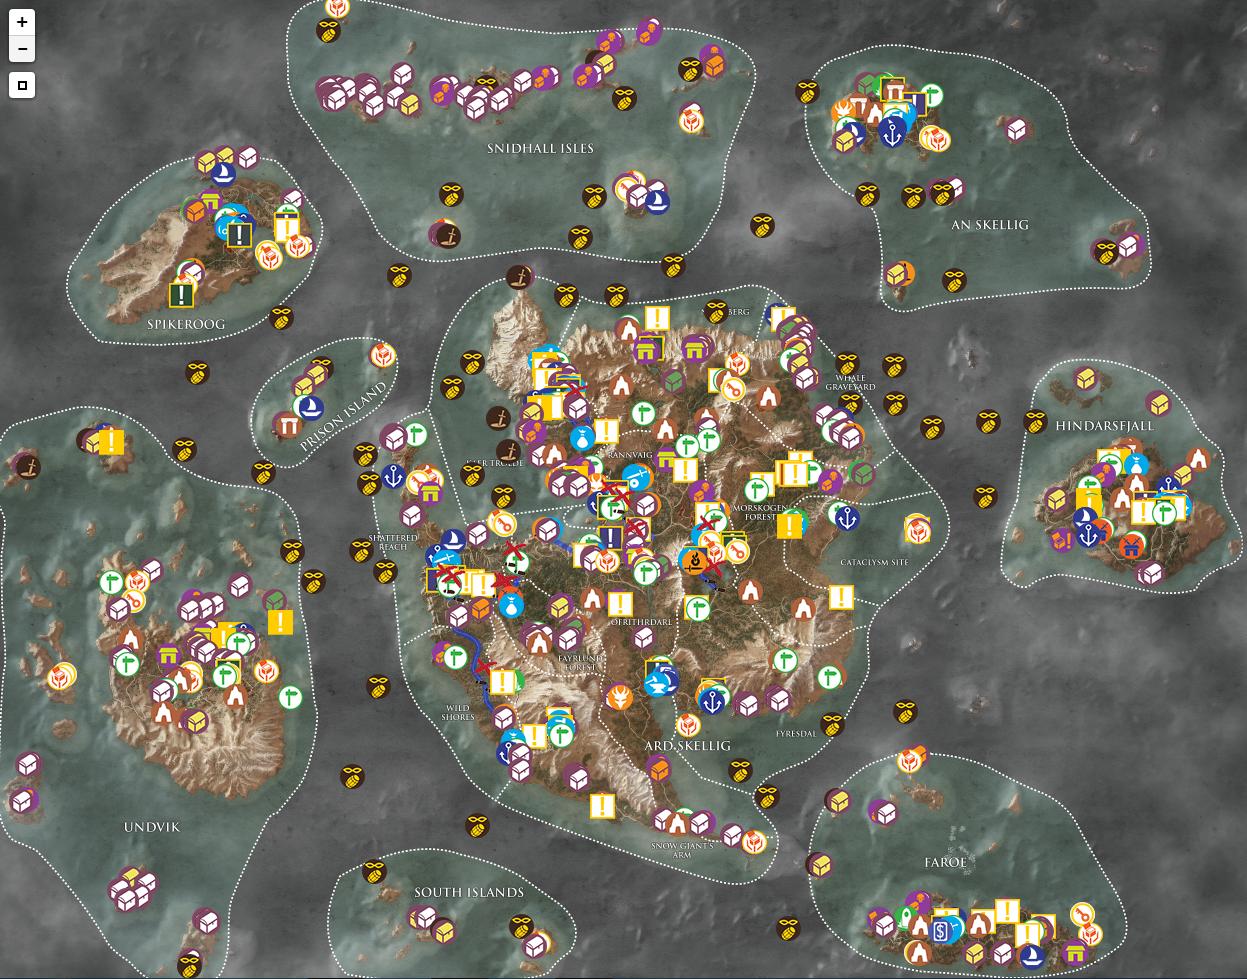 巫师3狂猎官方高清中文标注全地图全物品收集地图